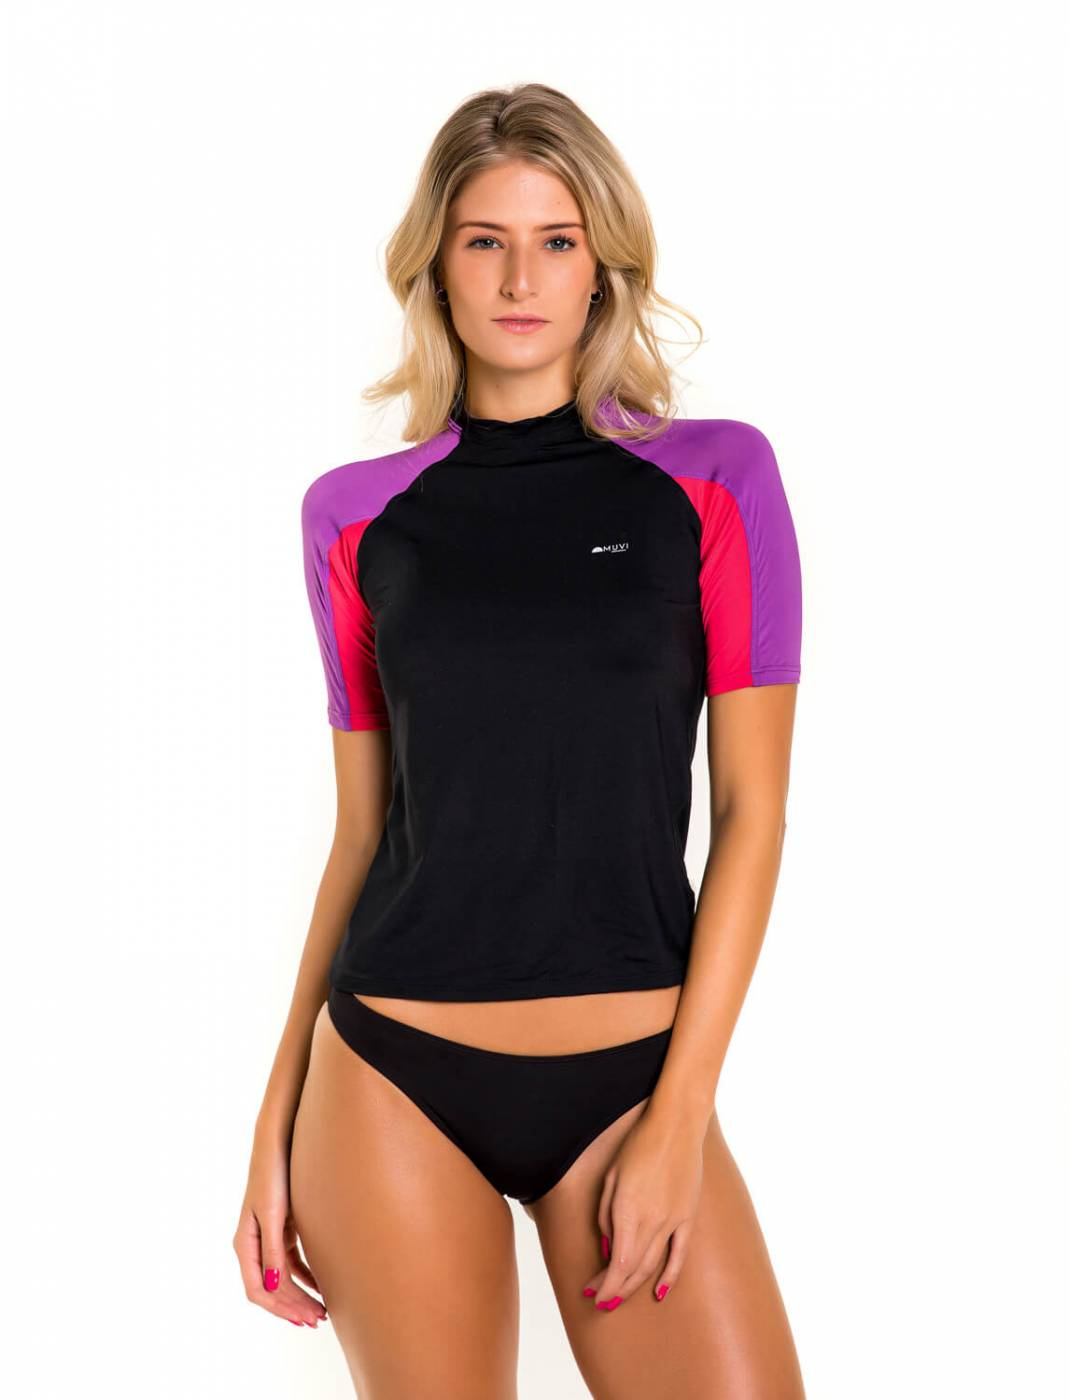 Camisa Feminina Slim Proteção Solar FPU50+ Muvi - Copacabana